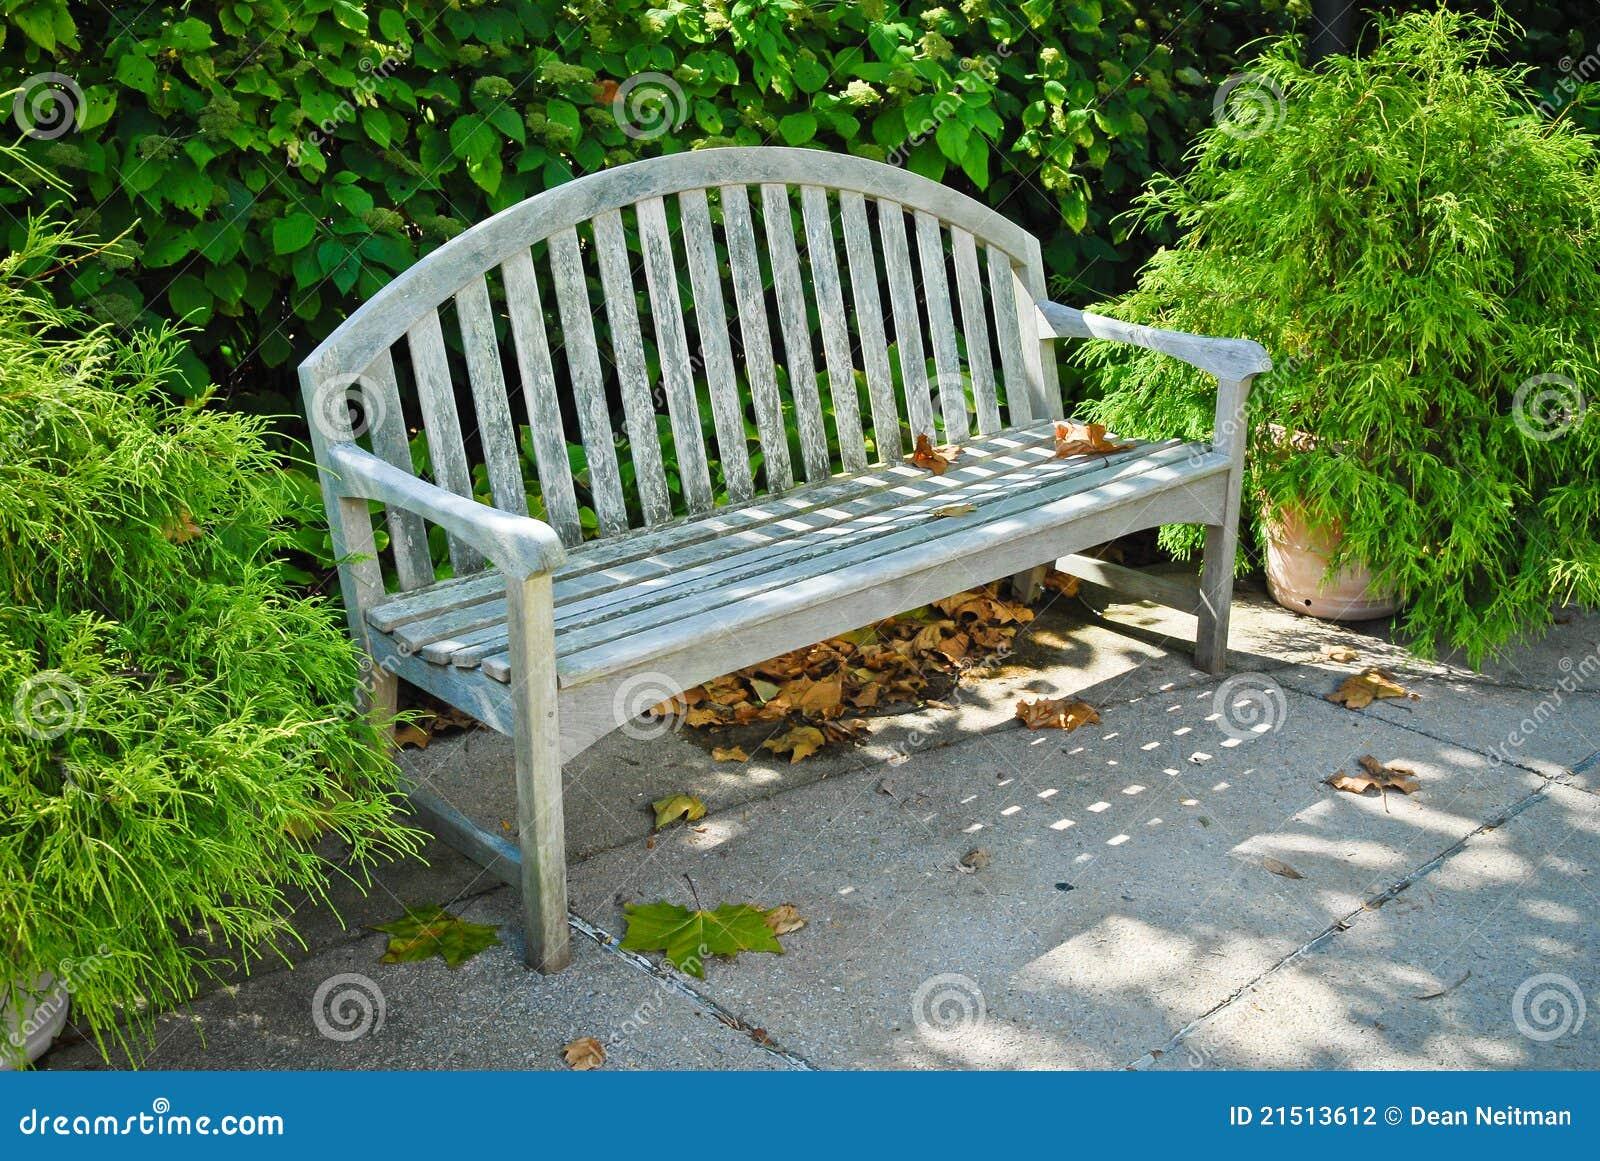 bänk utomhus ~ utomhus plats för bänk arkivbild  bild 21513612